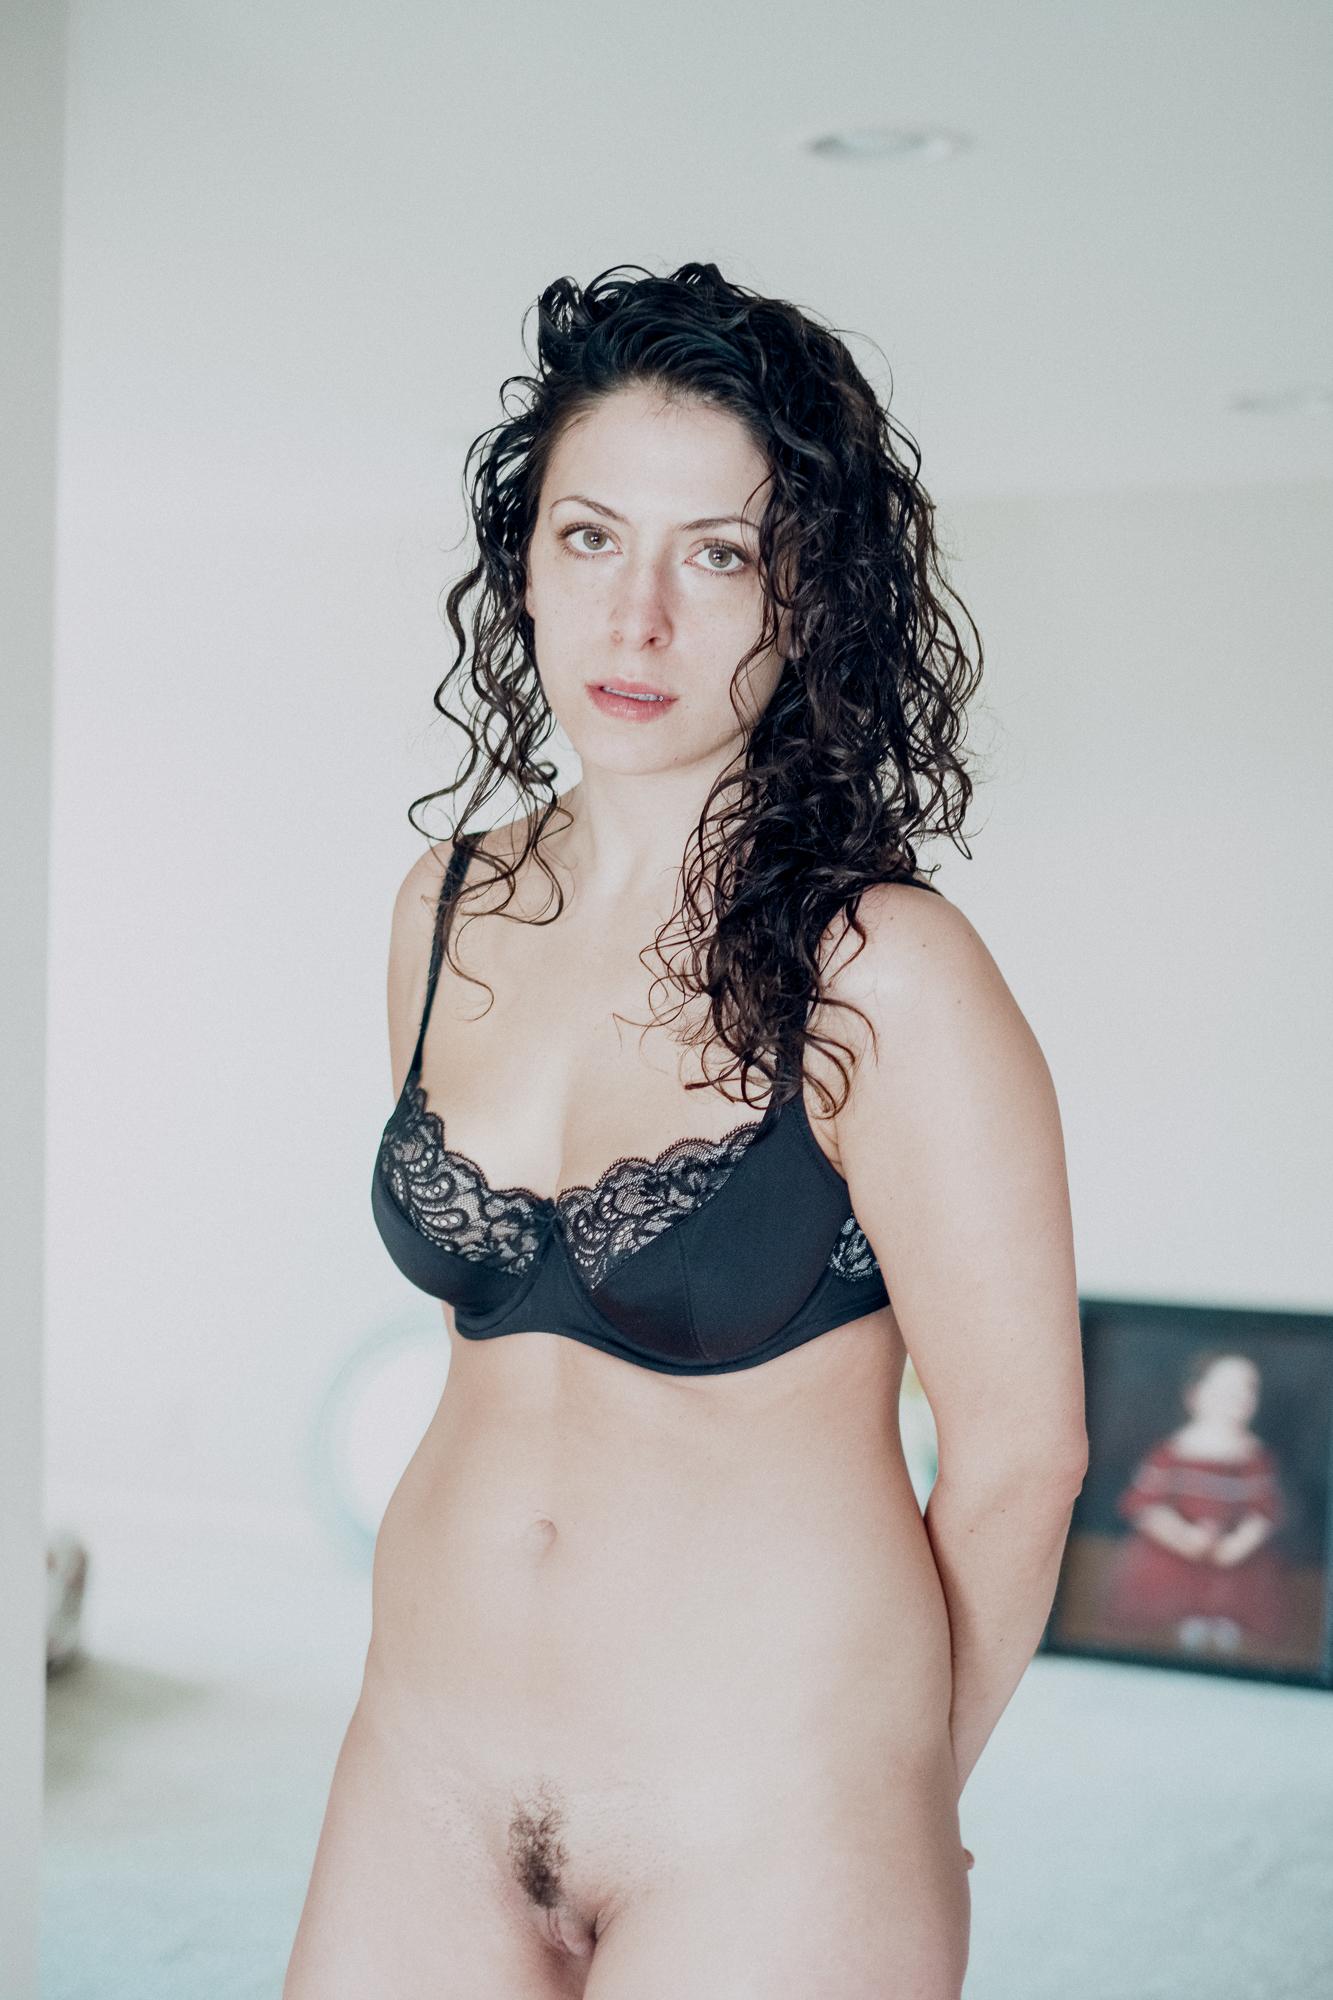 20180207-Hannah-bedroom-black-bra-X-Pro2-0027-Edit.jpg